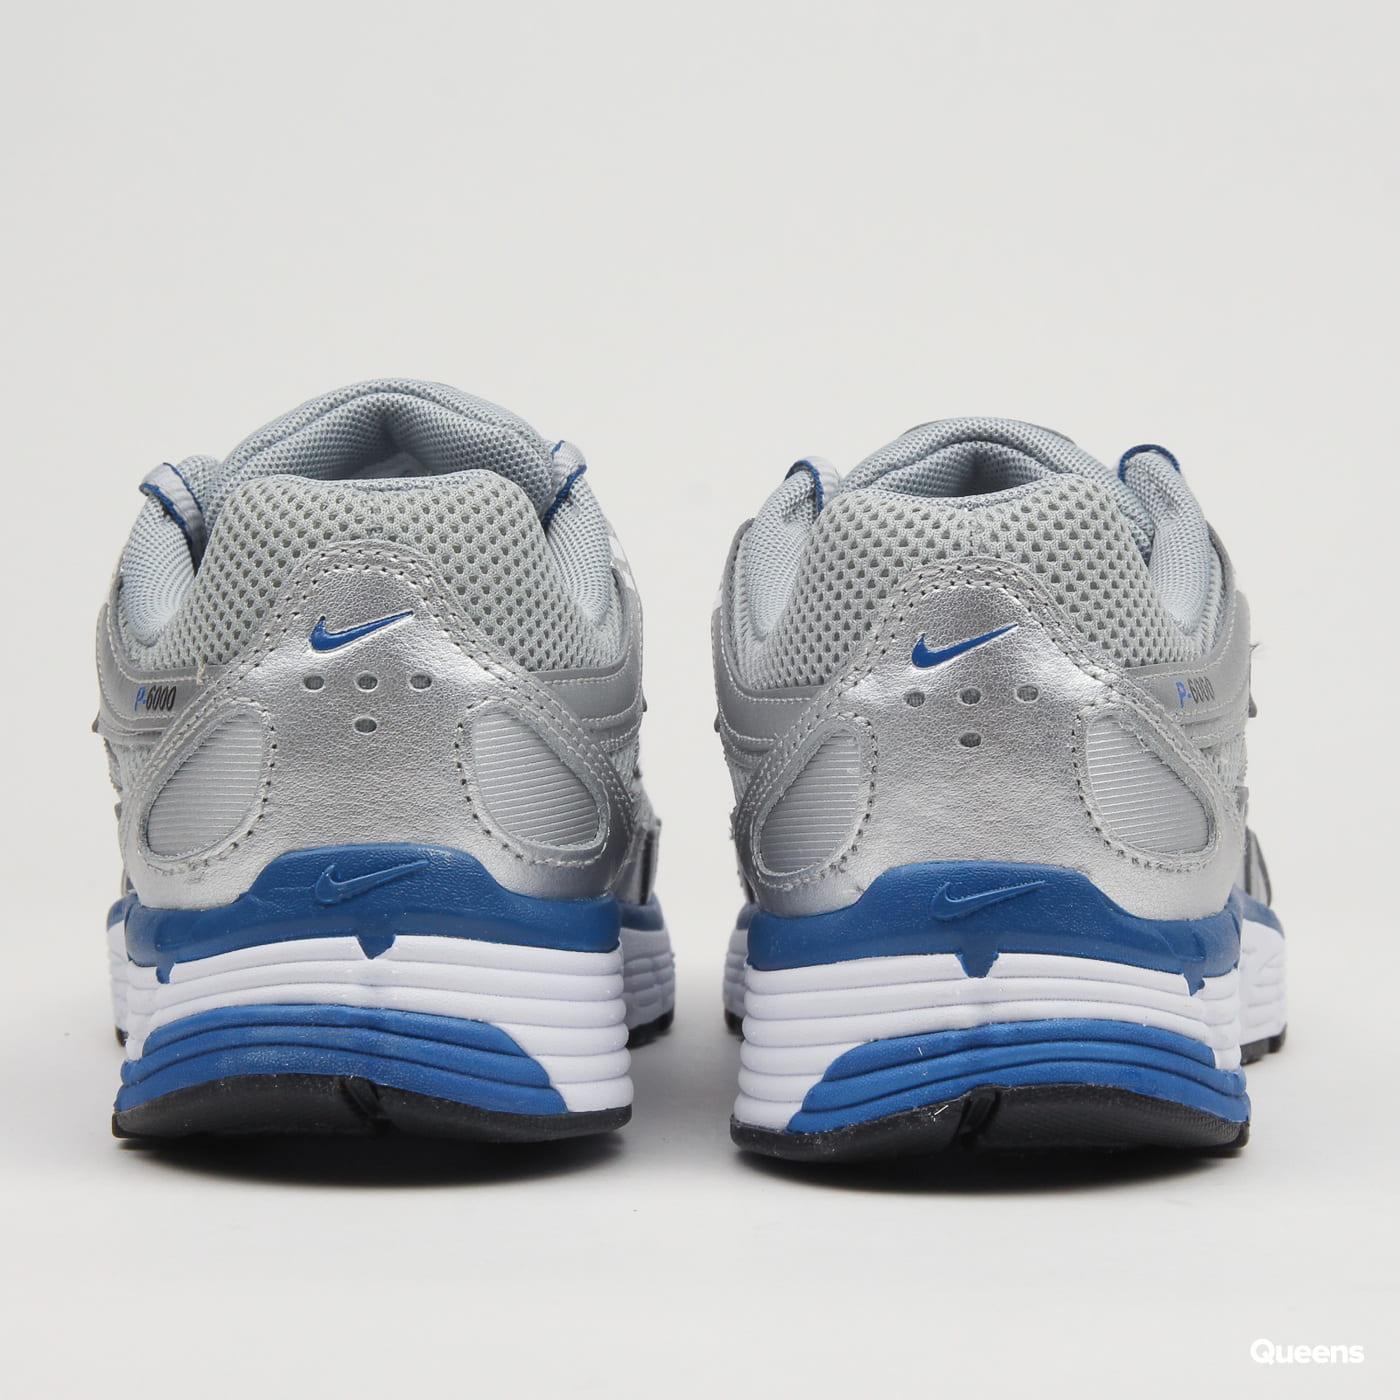 d72a3729721d2 Zoom in Zoom in Zoom in Zoom in Zoom in. Nike W P-6000 metallic silver   team  royal